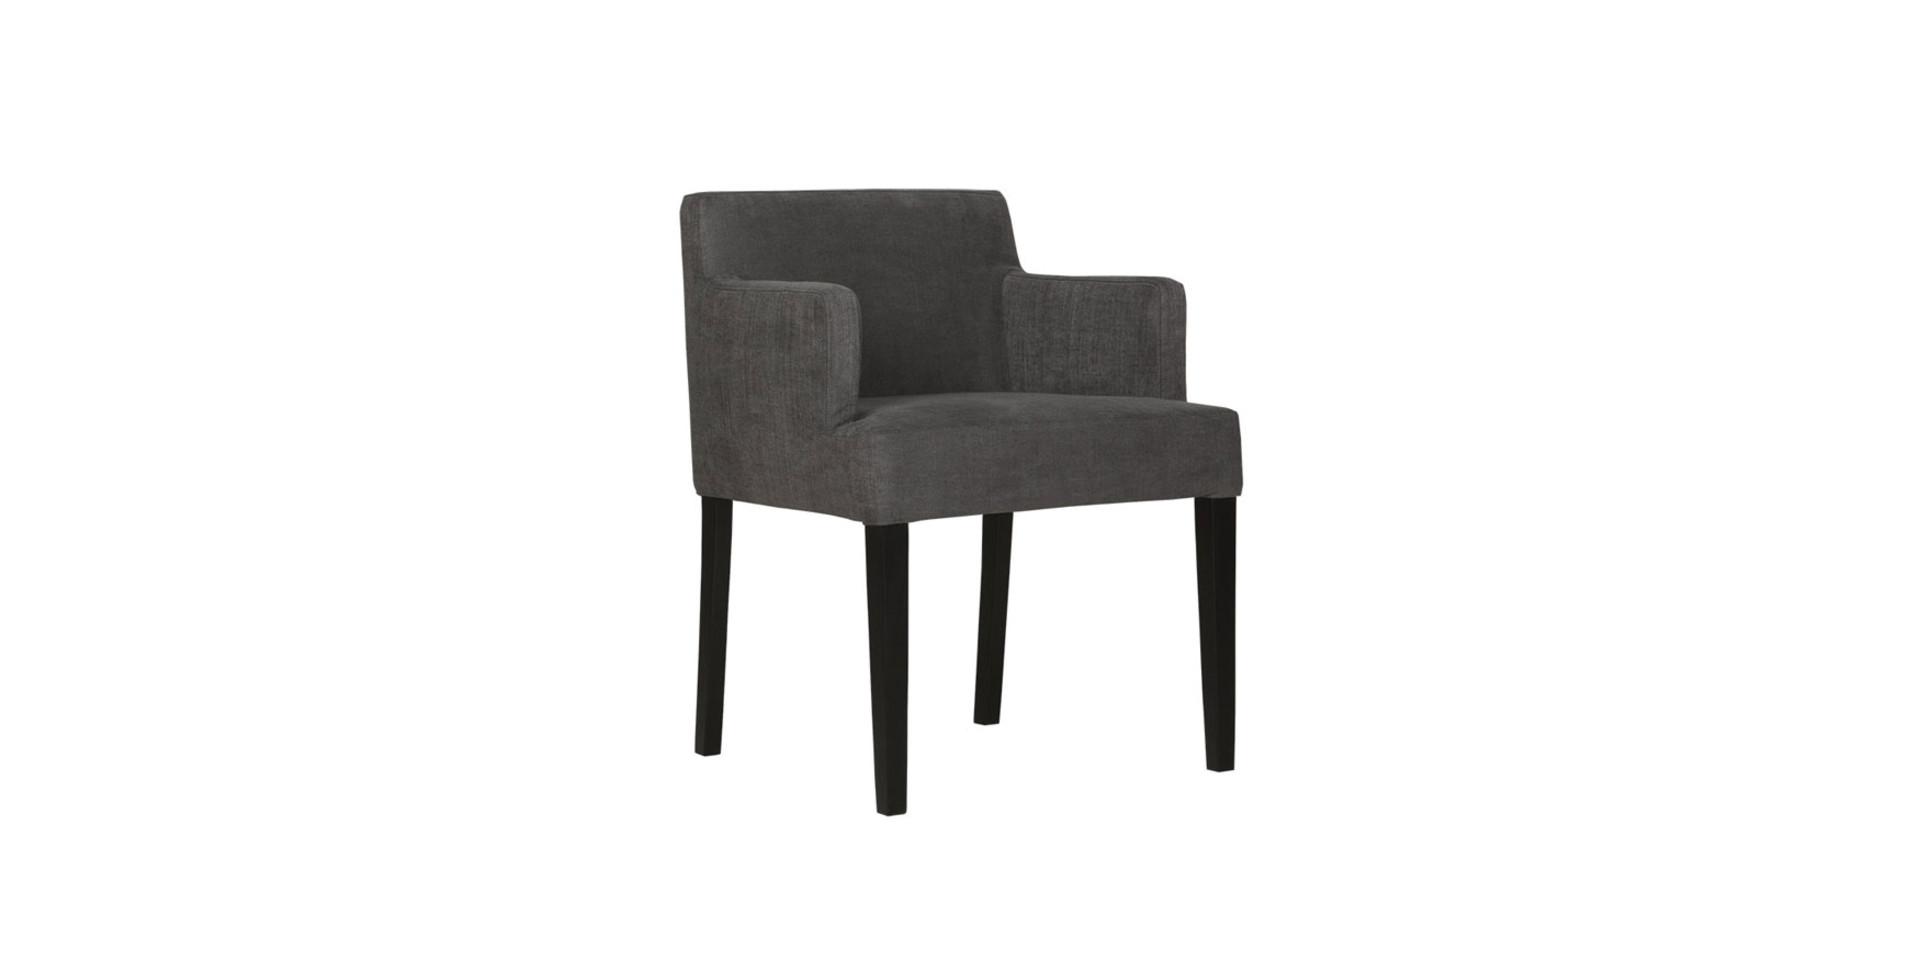 sits-linn-fauteuil-chair_caleido2934_dark_grey_2_0